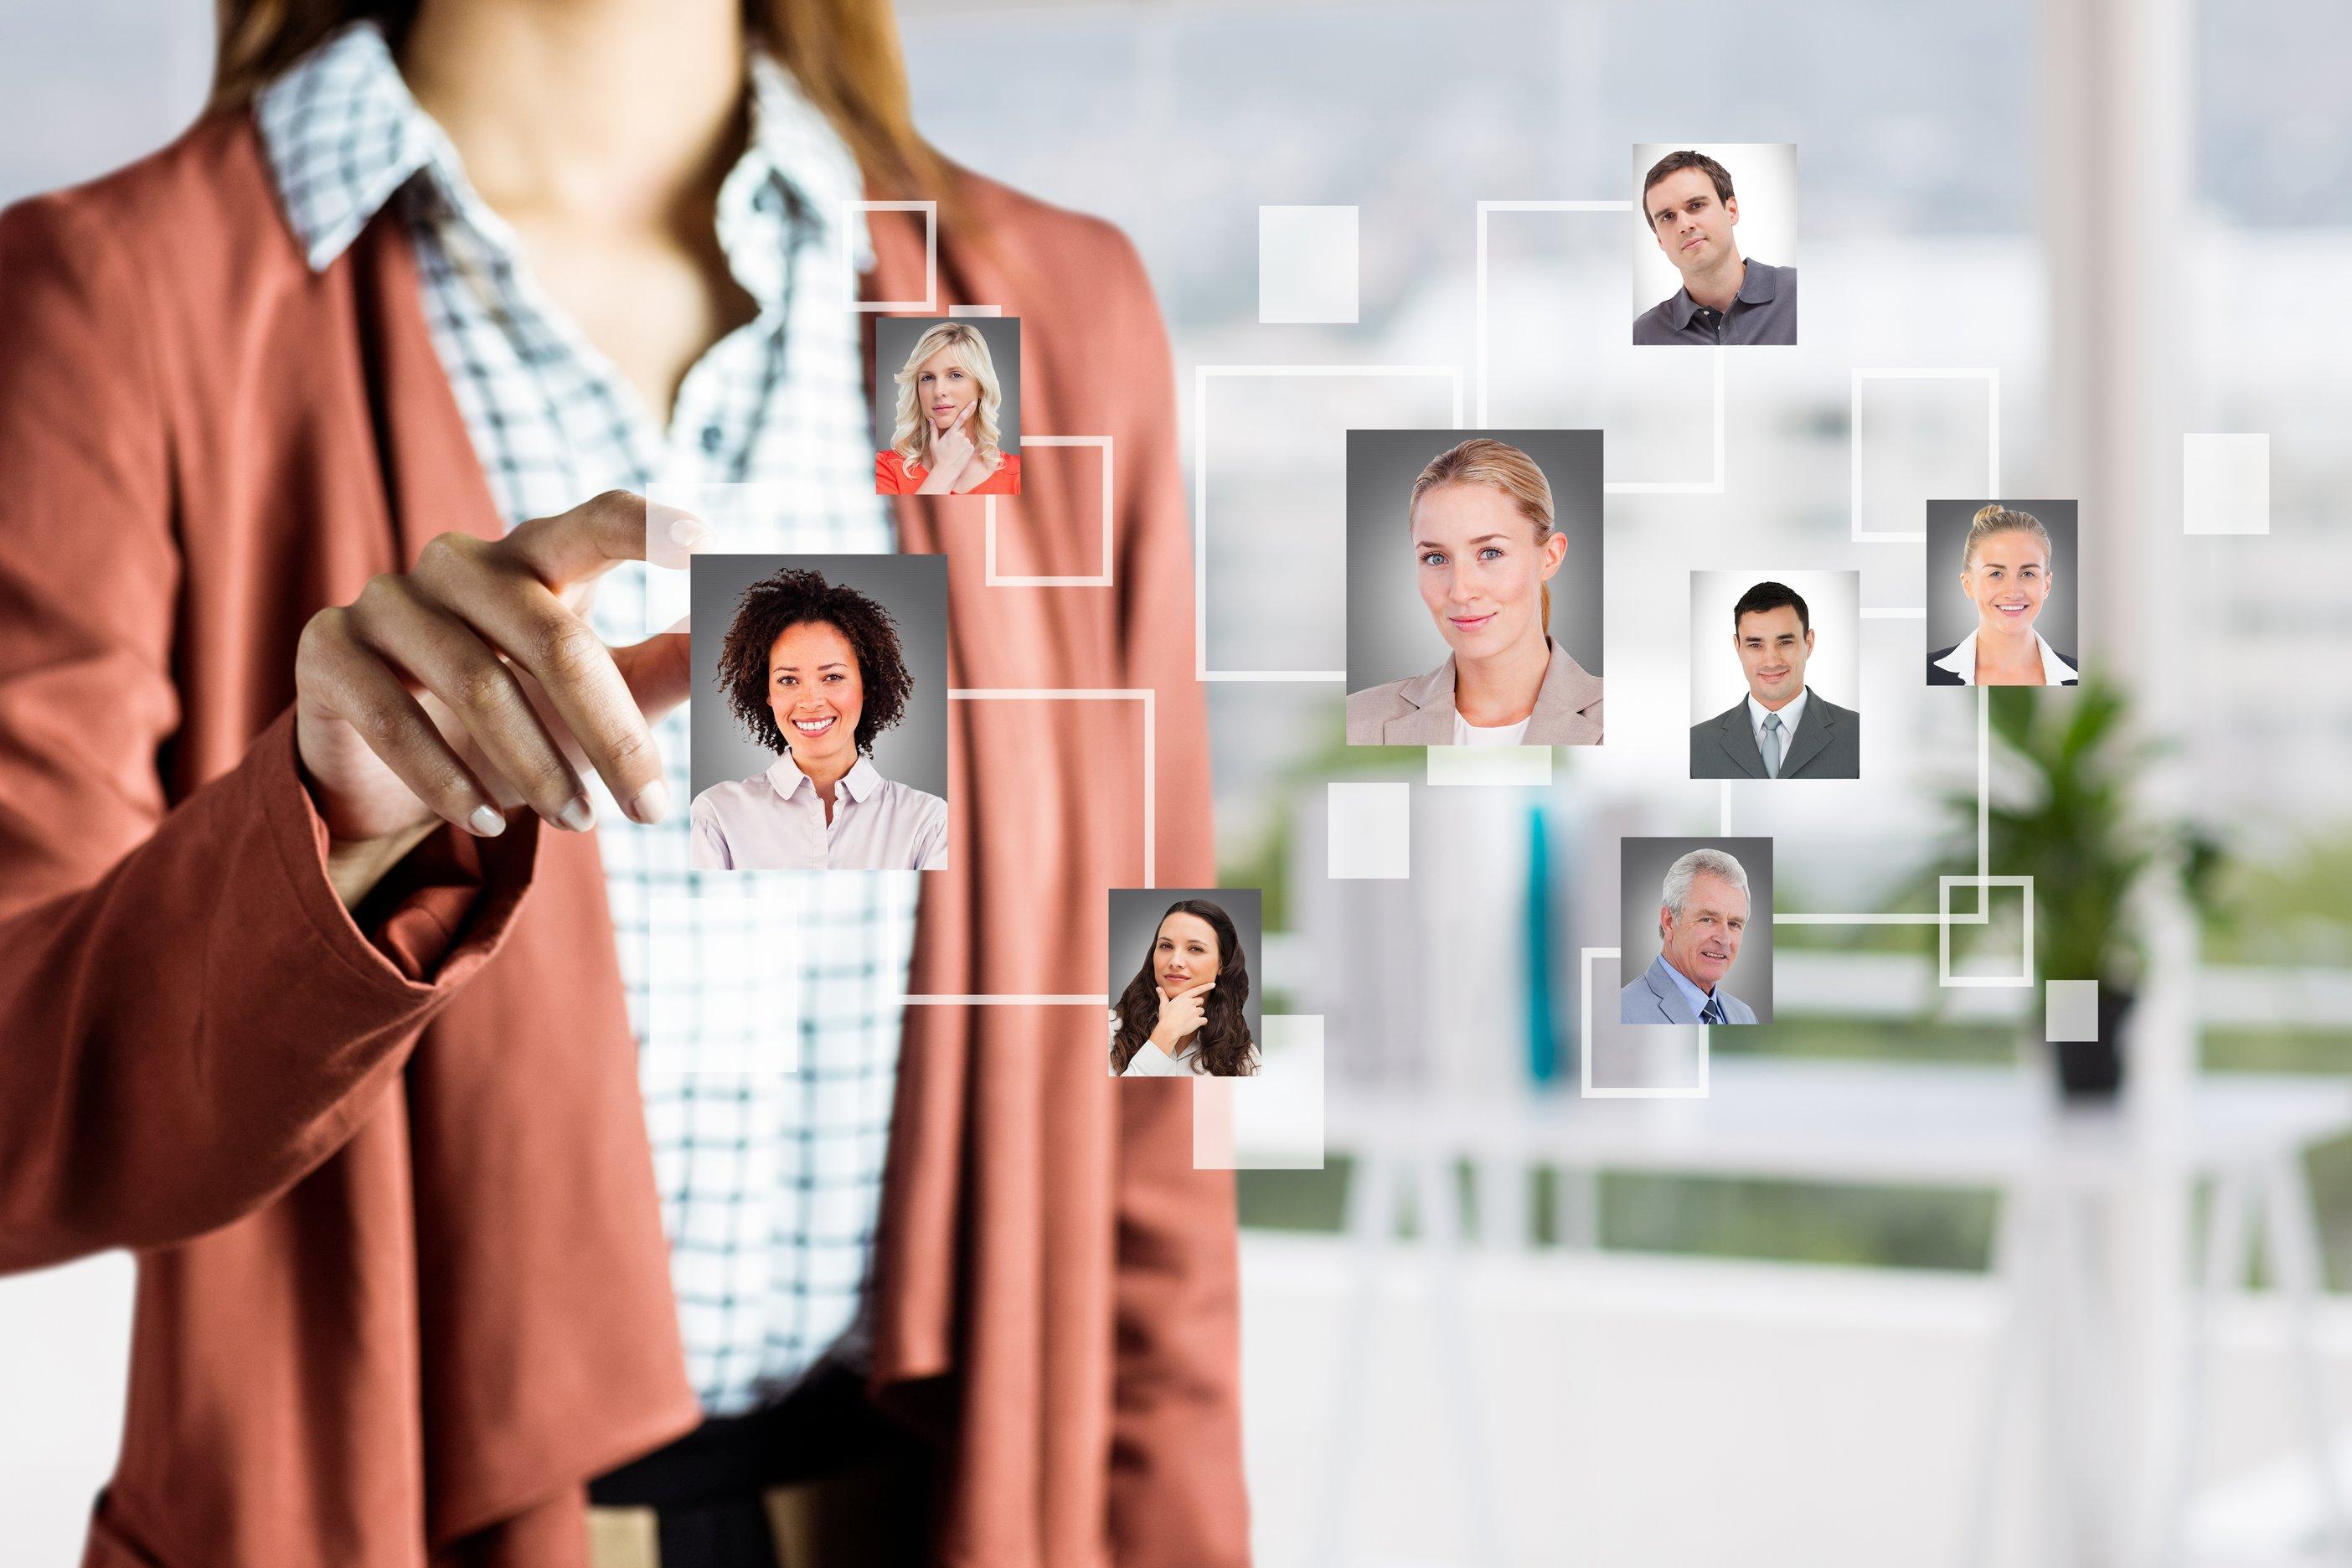 tendencias-de-reclutamiento-y-seleccion-de-personal-en-2017.jpg